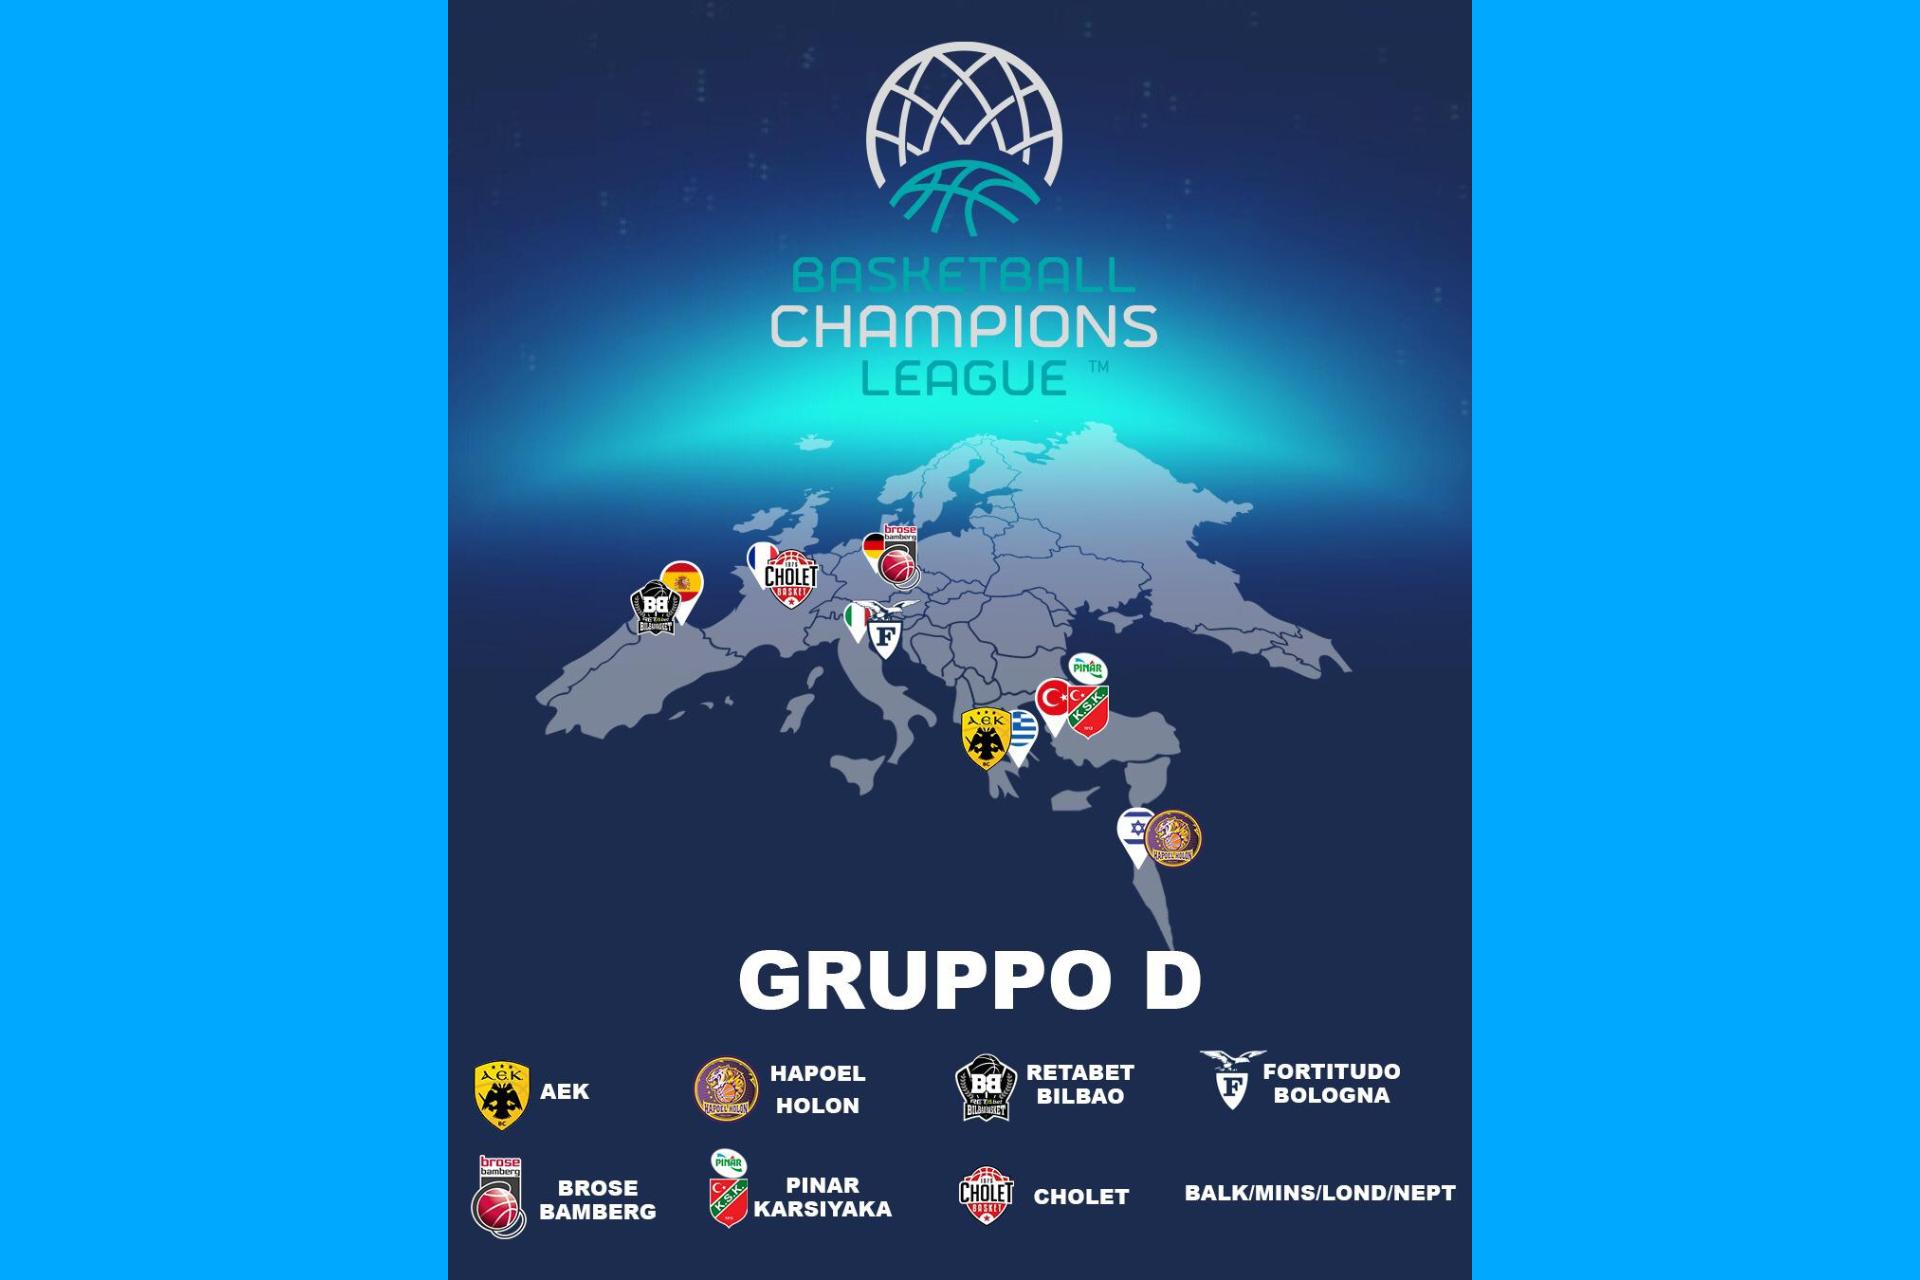 Sorteggio gironi BCL: la Fortitudo Bologna nel Gruppo D. Il commento di Meo Sacchetti e Marco Carraretto